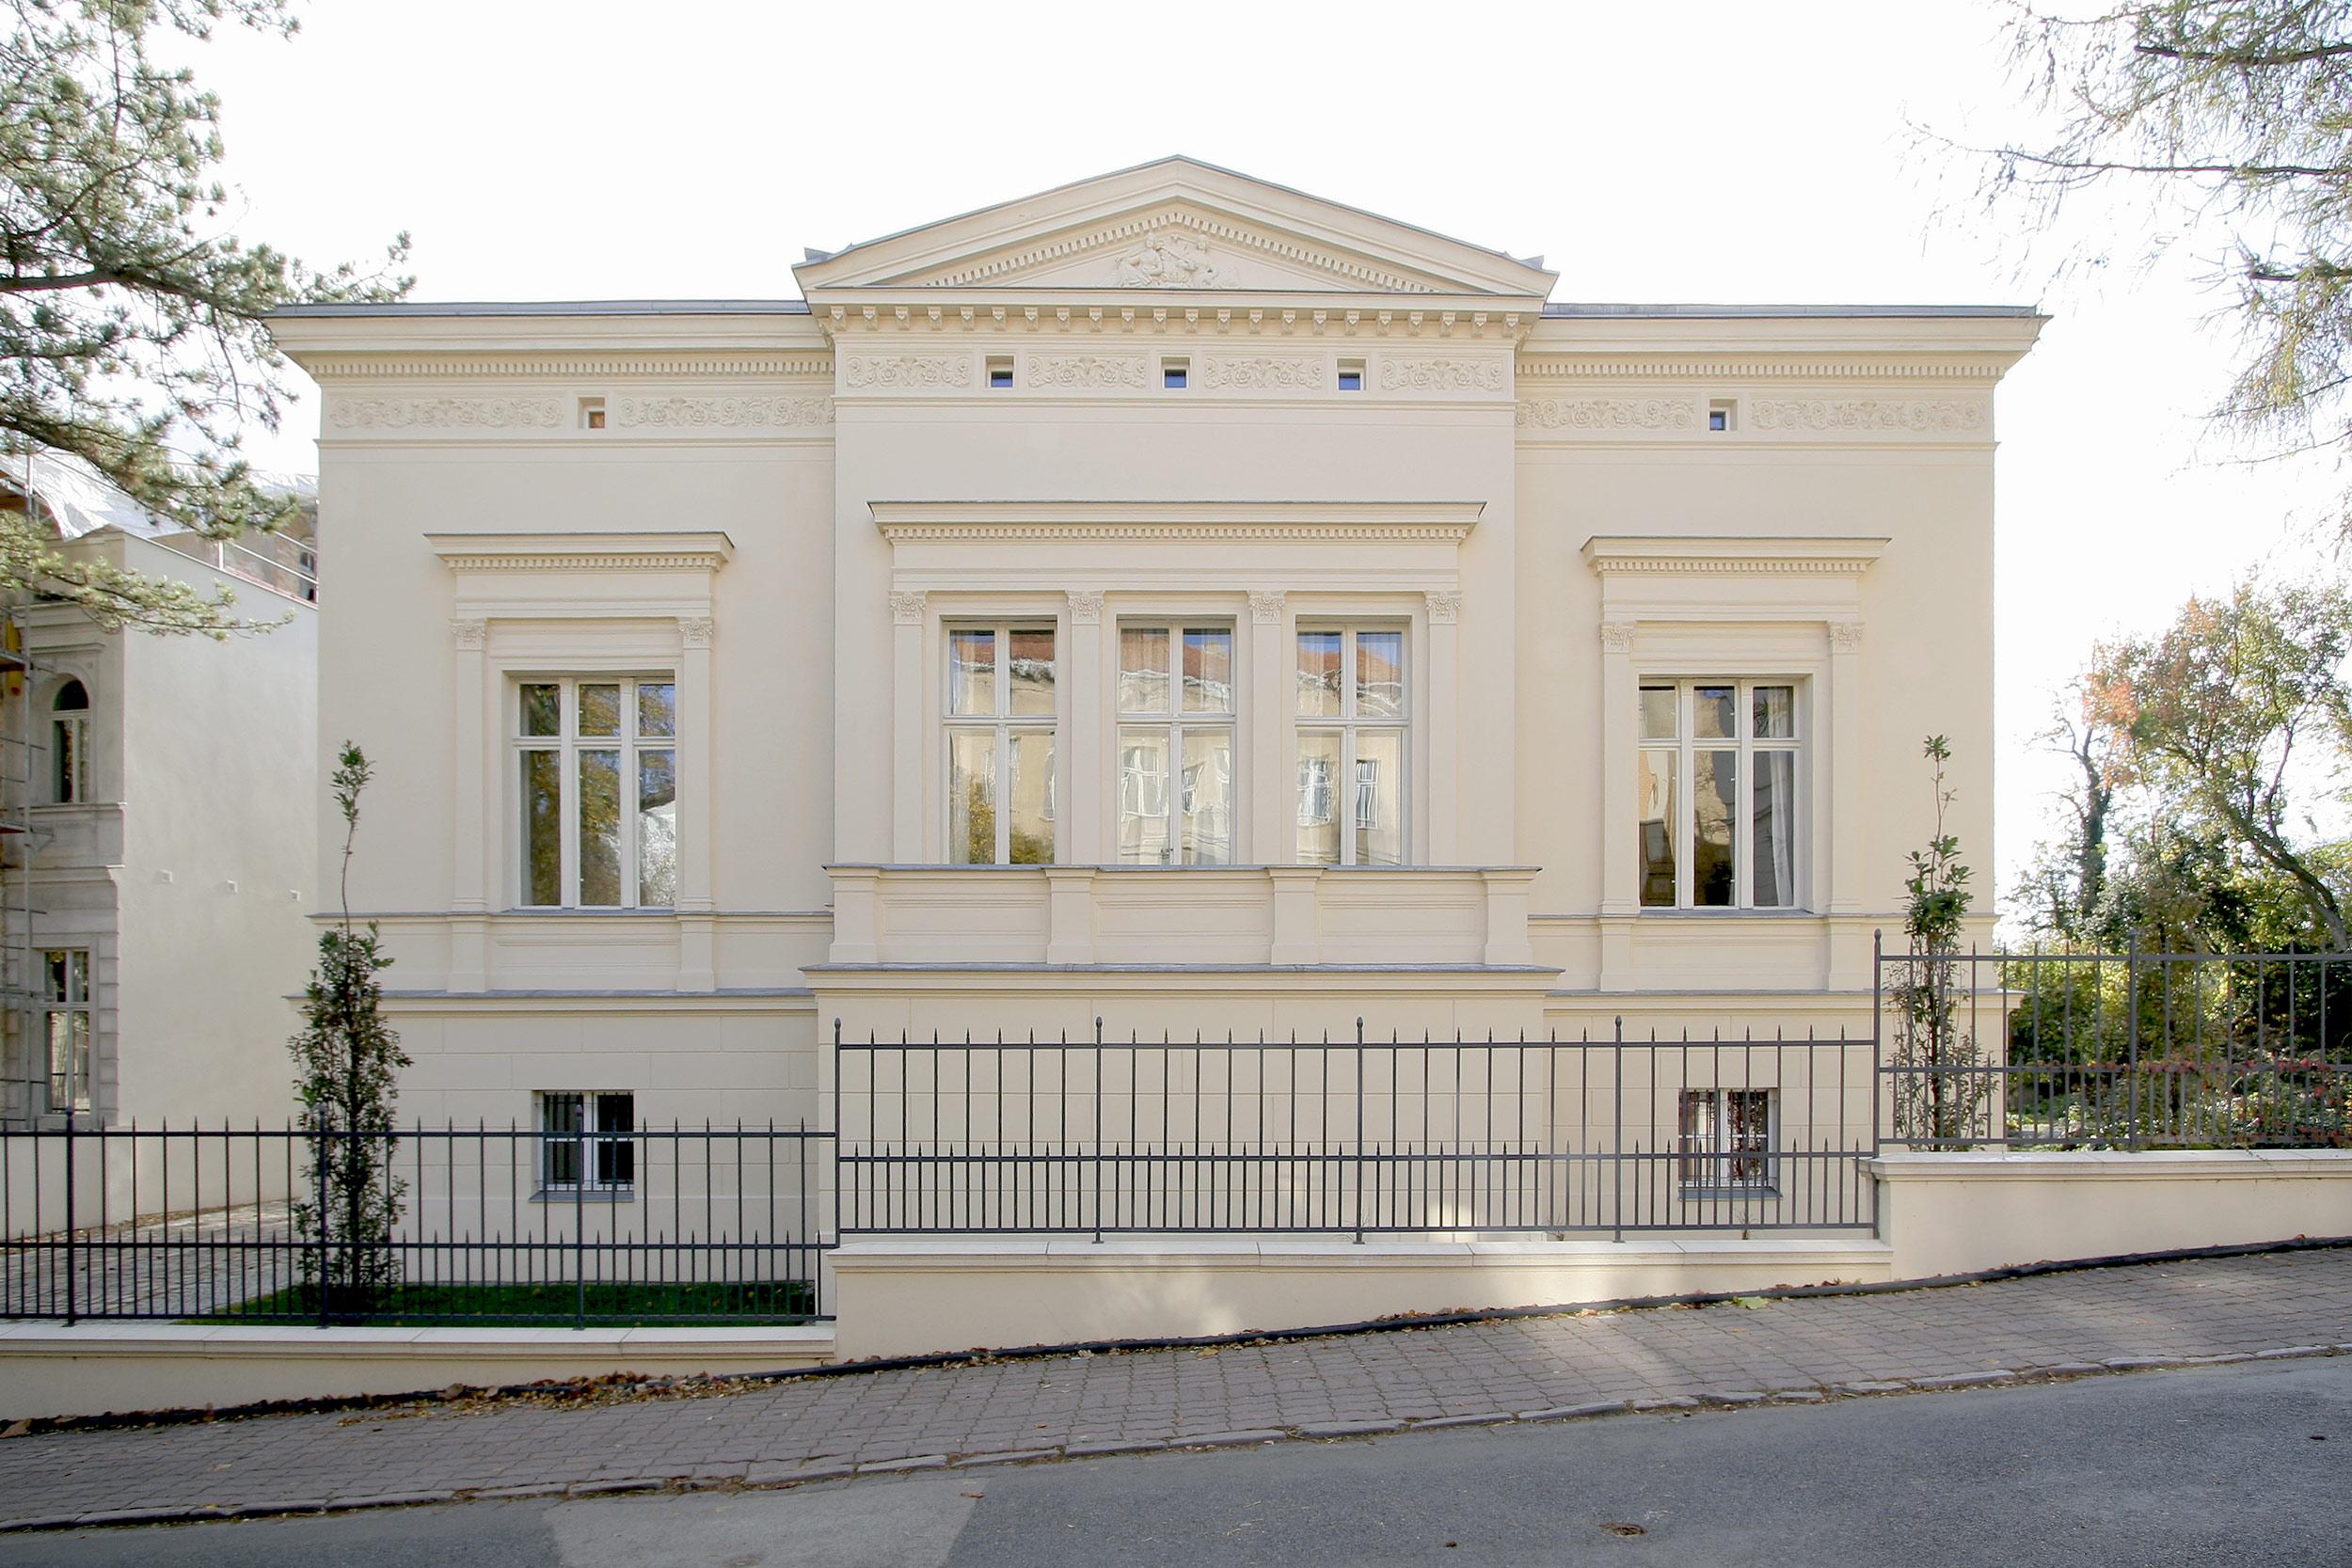 Die Straßenfassade der klassizistischen Villa eines Schülers von Persius in Potsdam